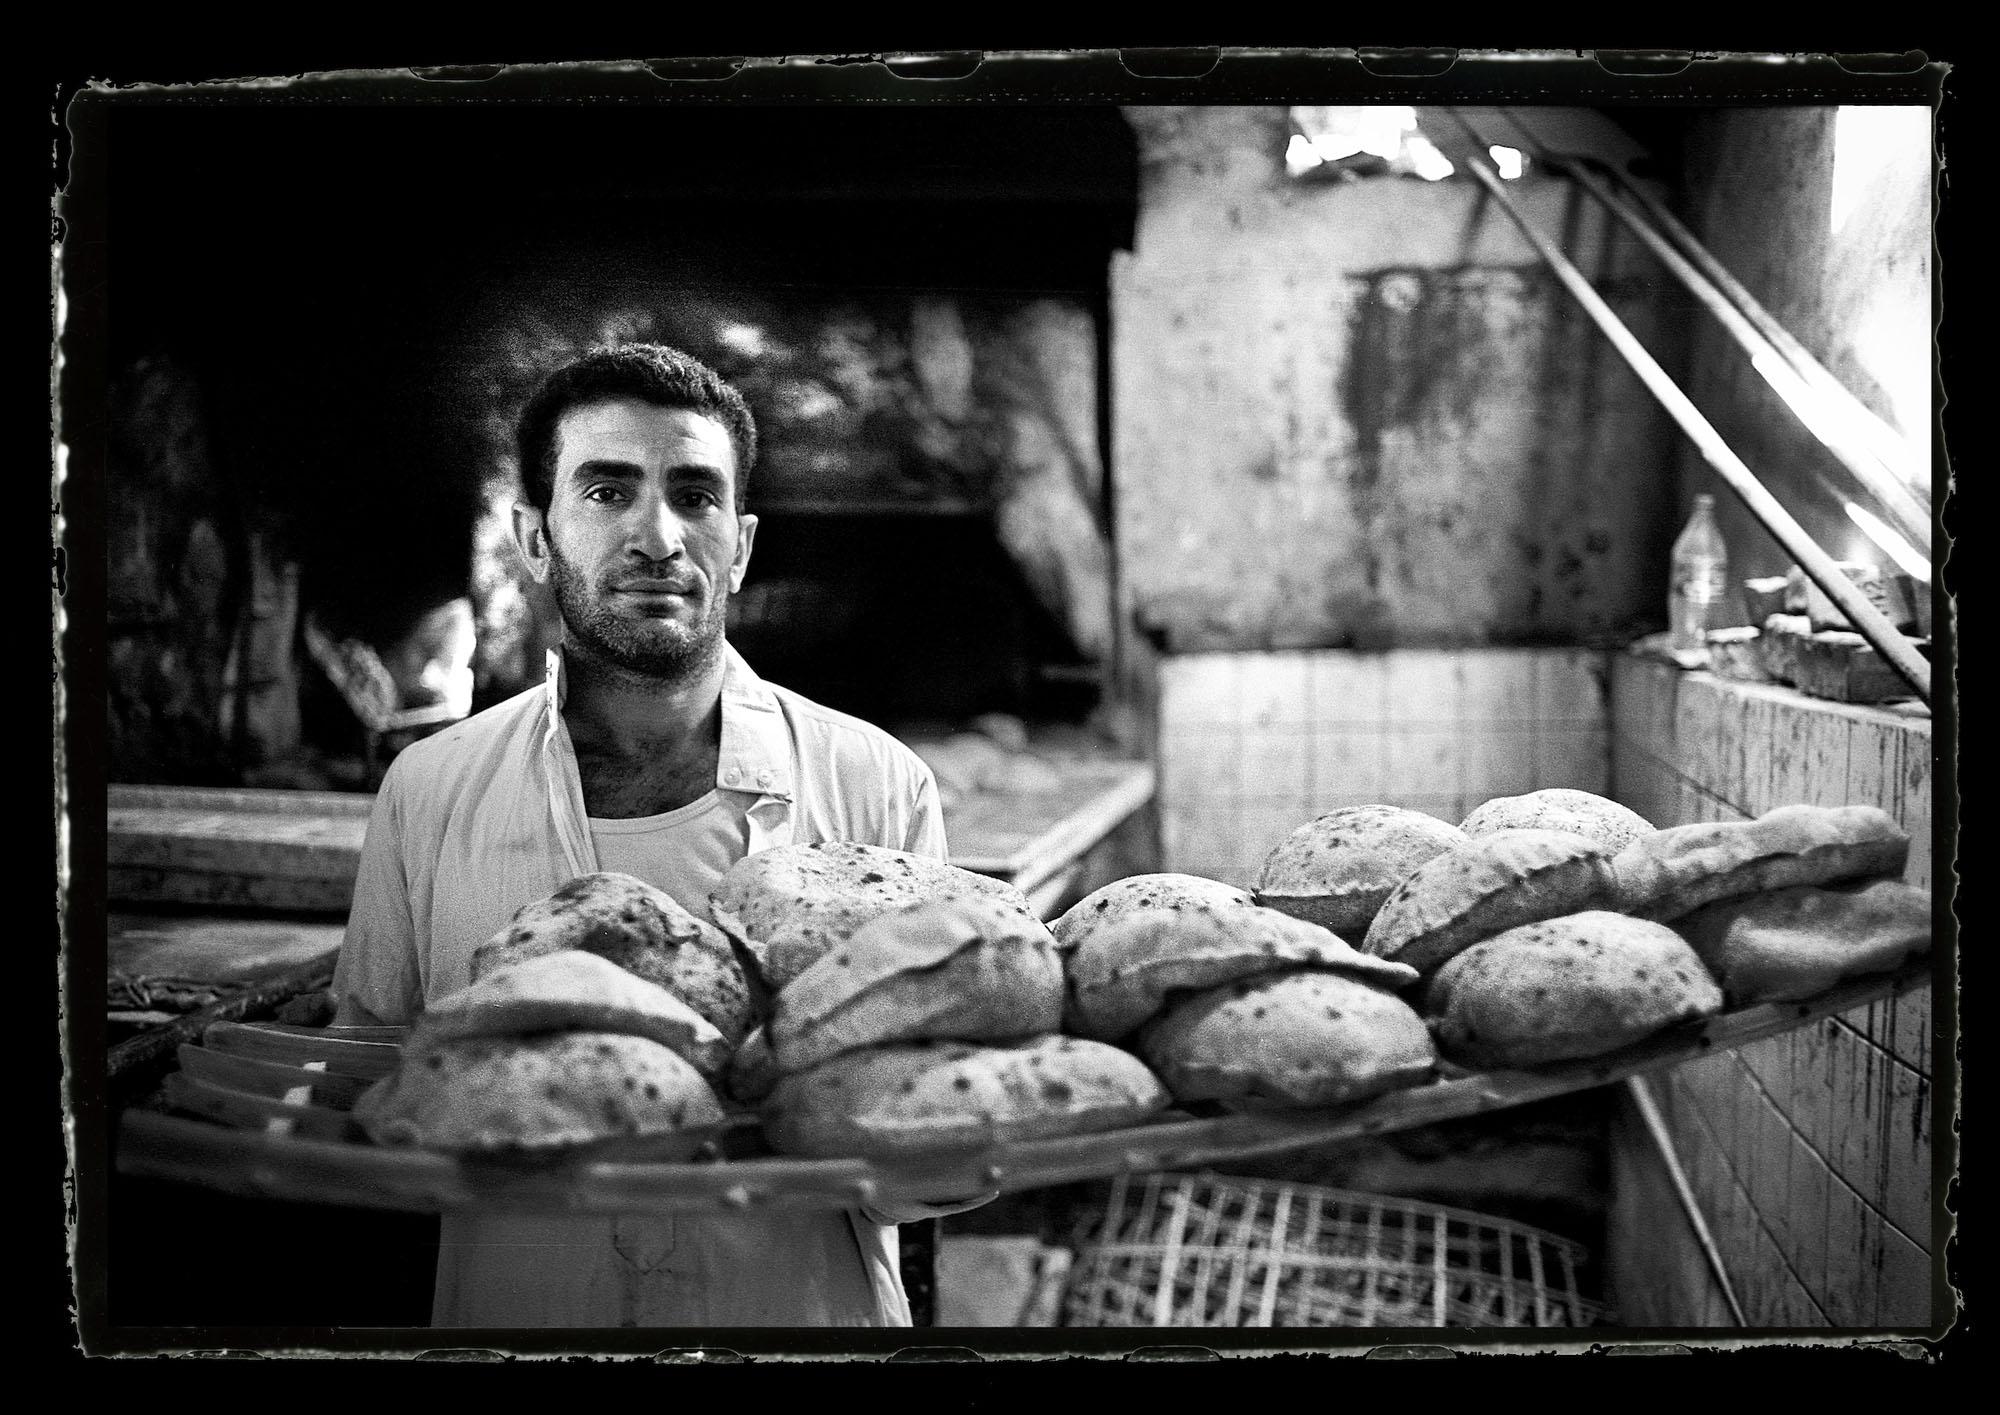 Kamal - baker